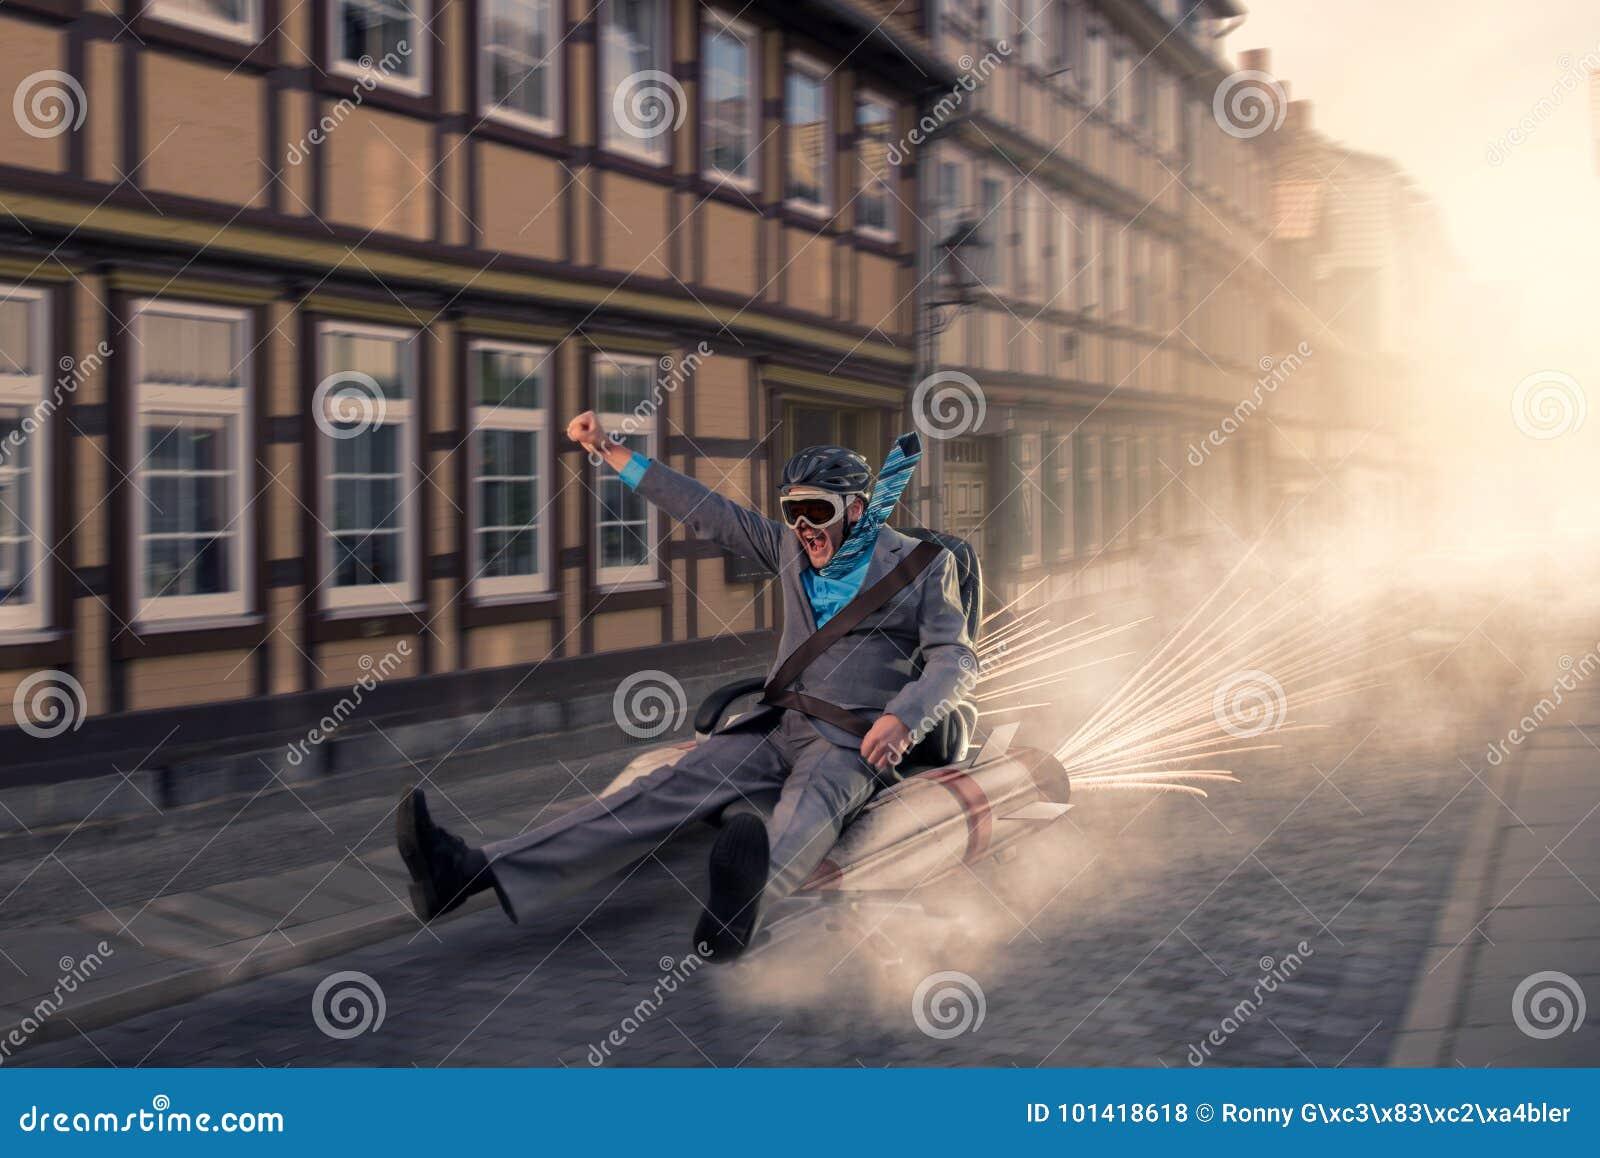 Vuelo del hombre de negocios con la silla del cohete a través de la ciudad